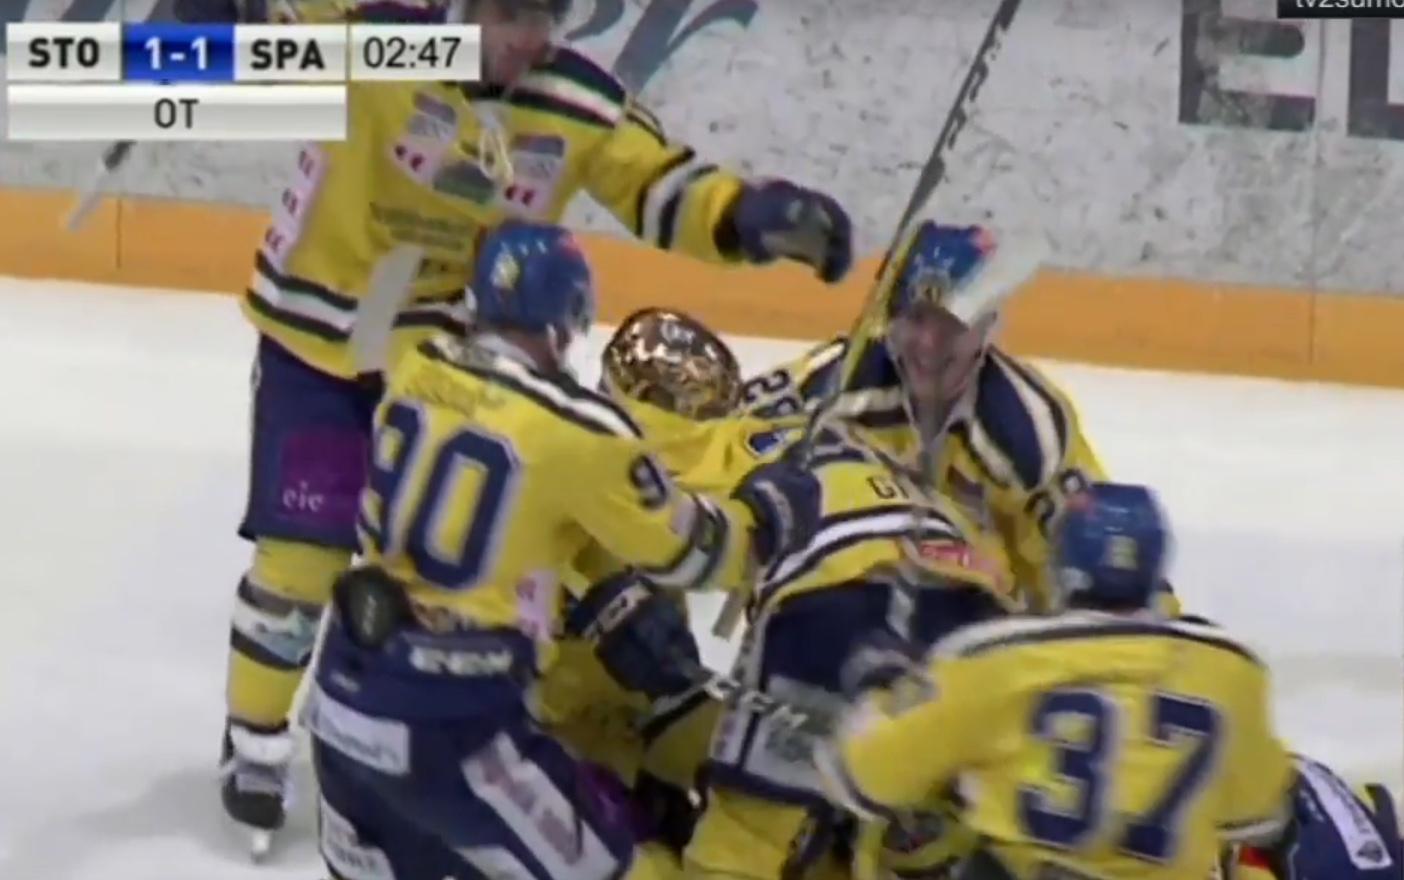 Video: Norjassa huimaa kiekkohistoriaa - playoff-ottelu kesti yli 200 minuuttia | Laitataklaus.com